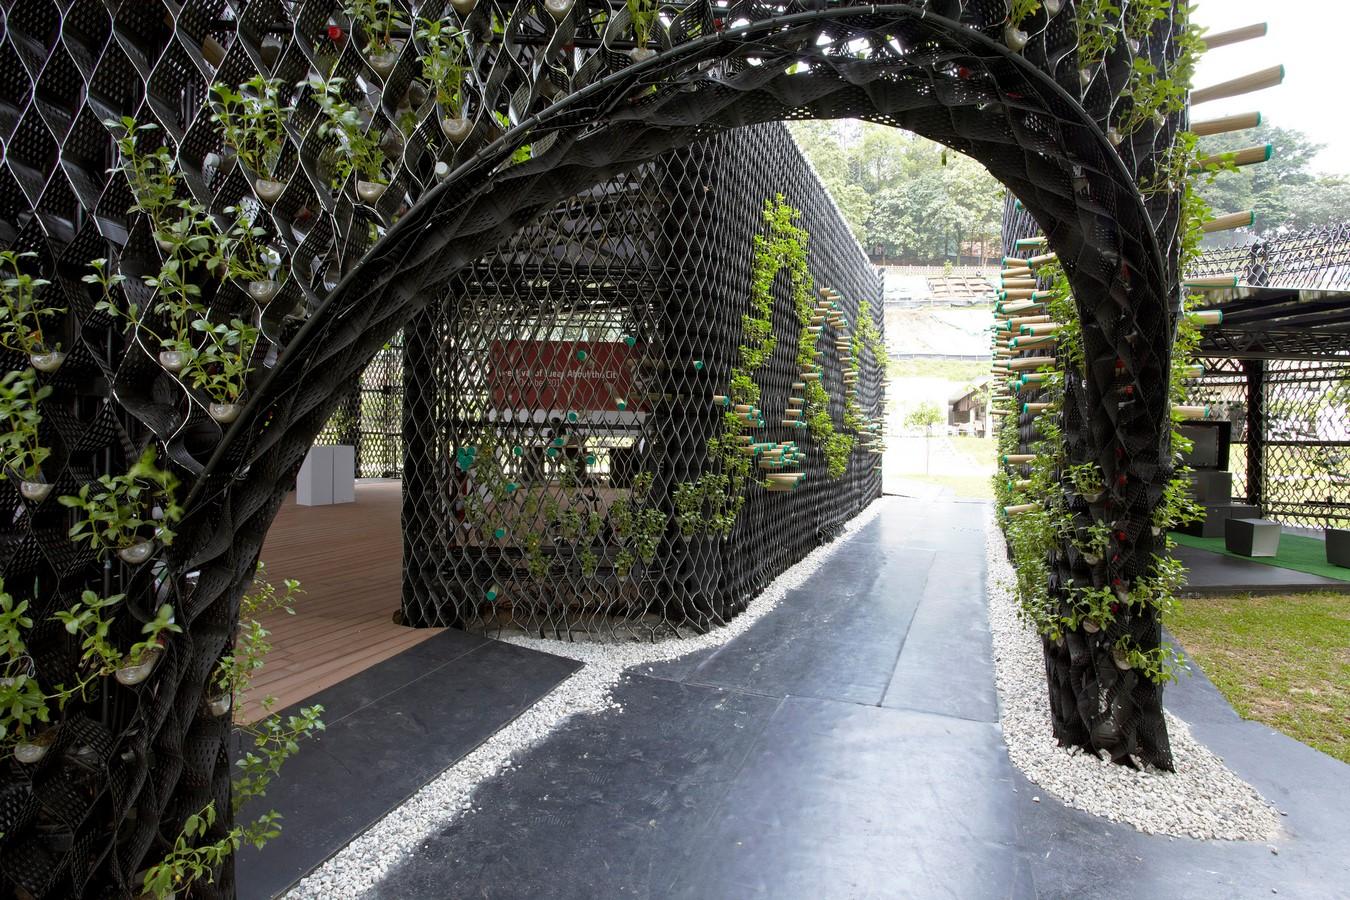 Archifest Zero Waste Pavilion in Singapore, WOW Architects - Sheet6